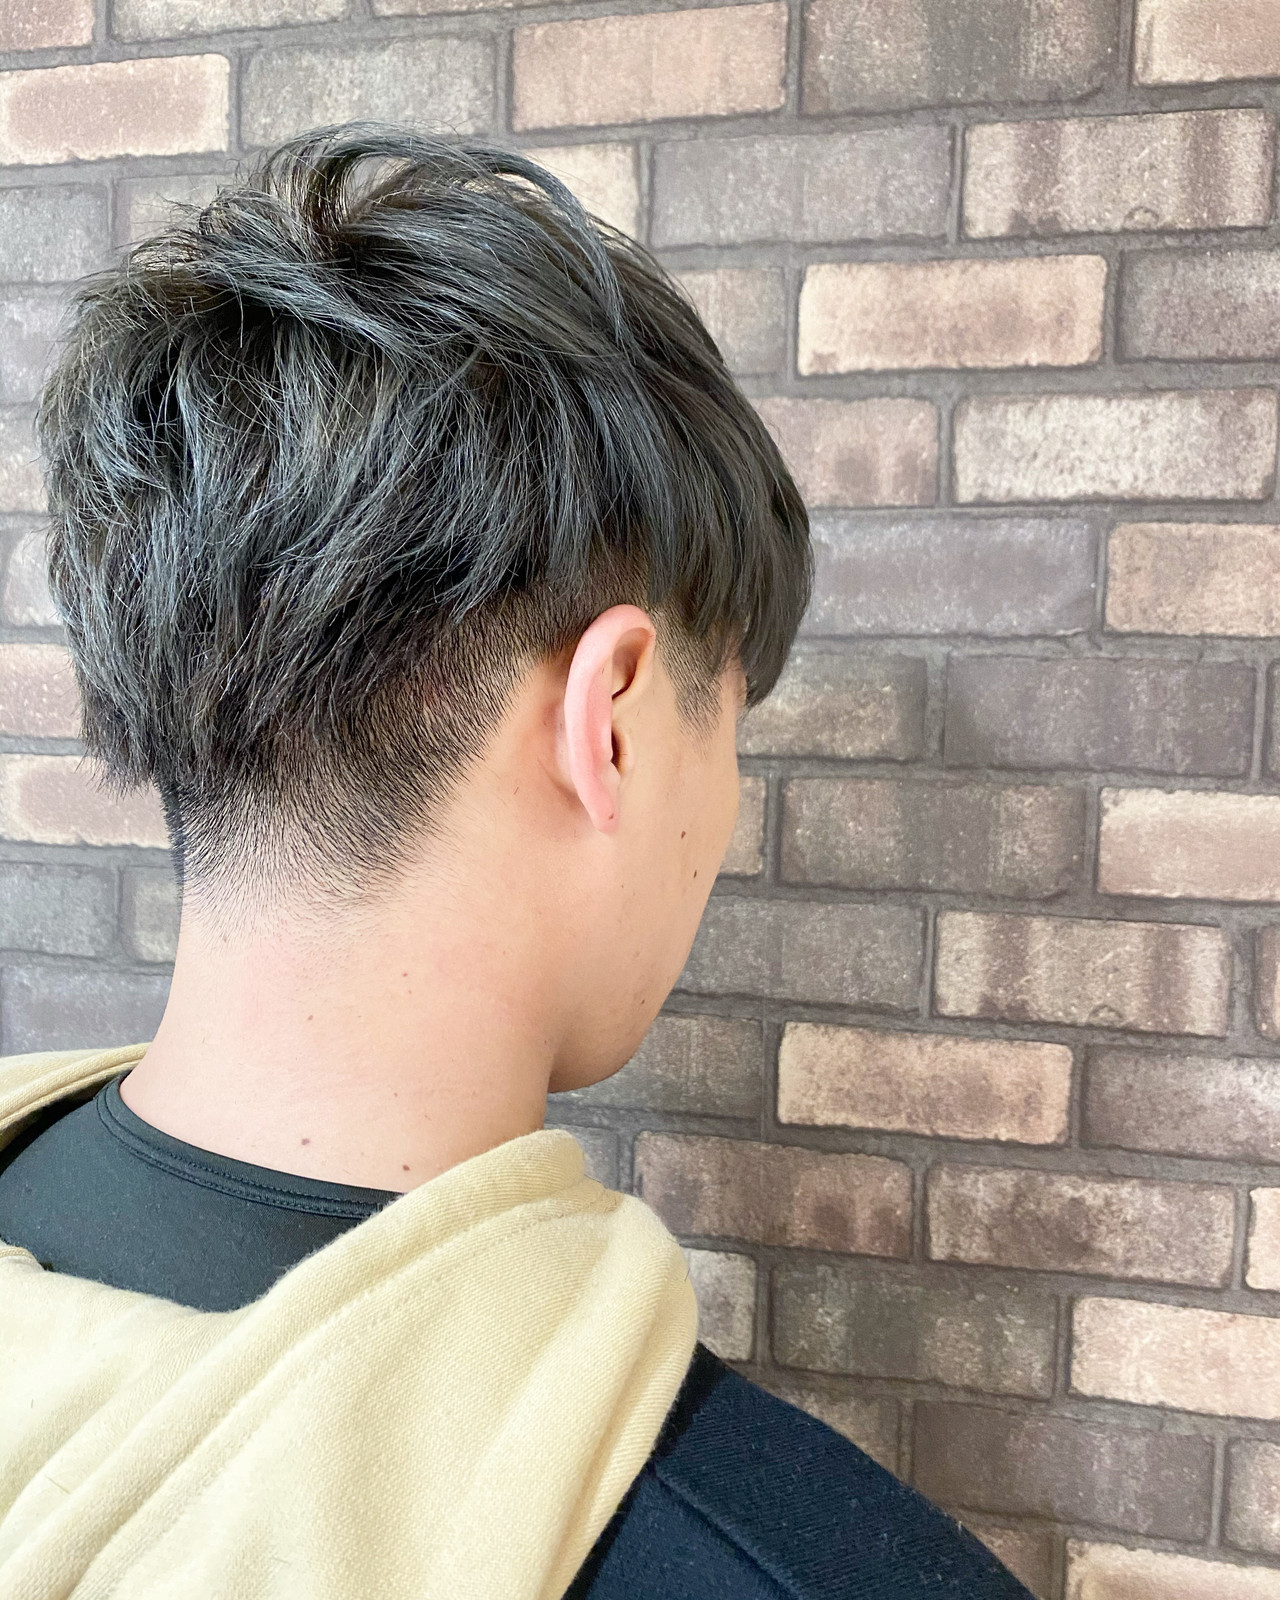 ナチュラル ショート メンズマッシュ イルミナカラー ヘアスタイルや髪型の写真・画像